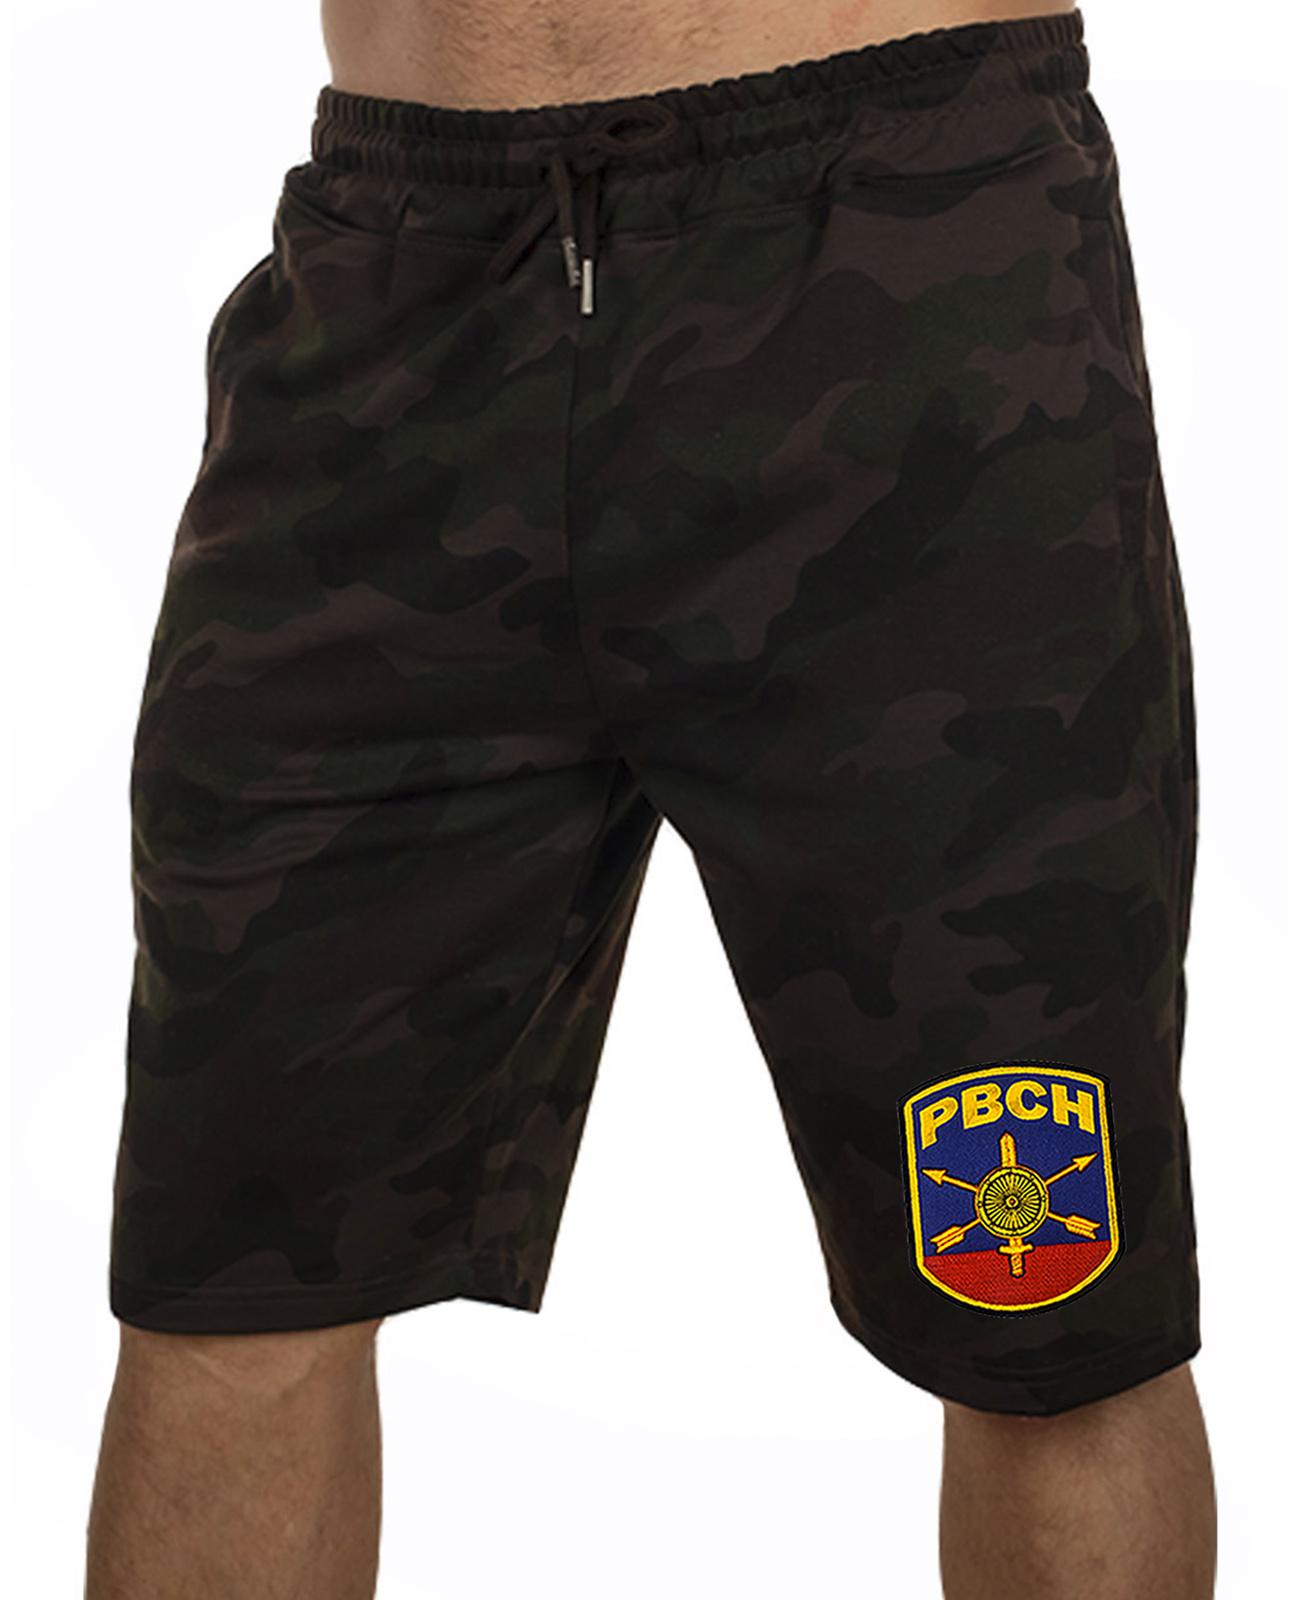 Купить камуфляжные темные шорты с нашивкой РВСН выгодно оптом